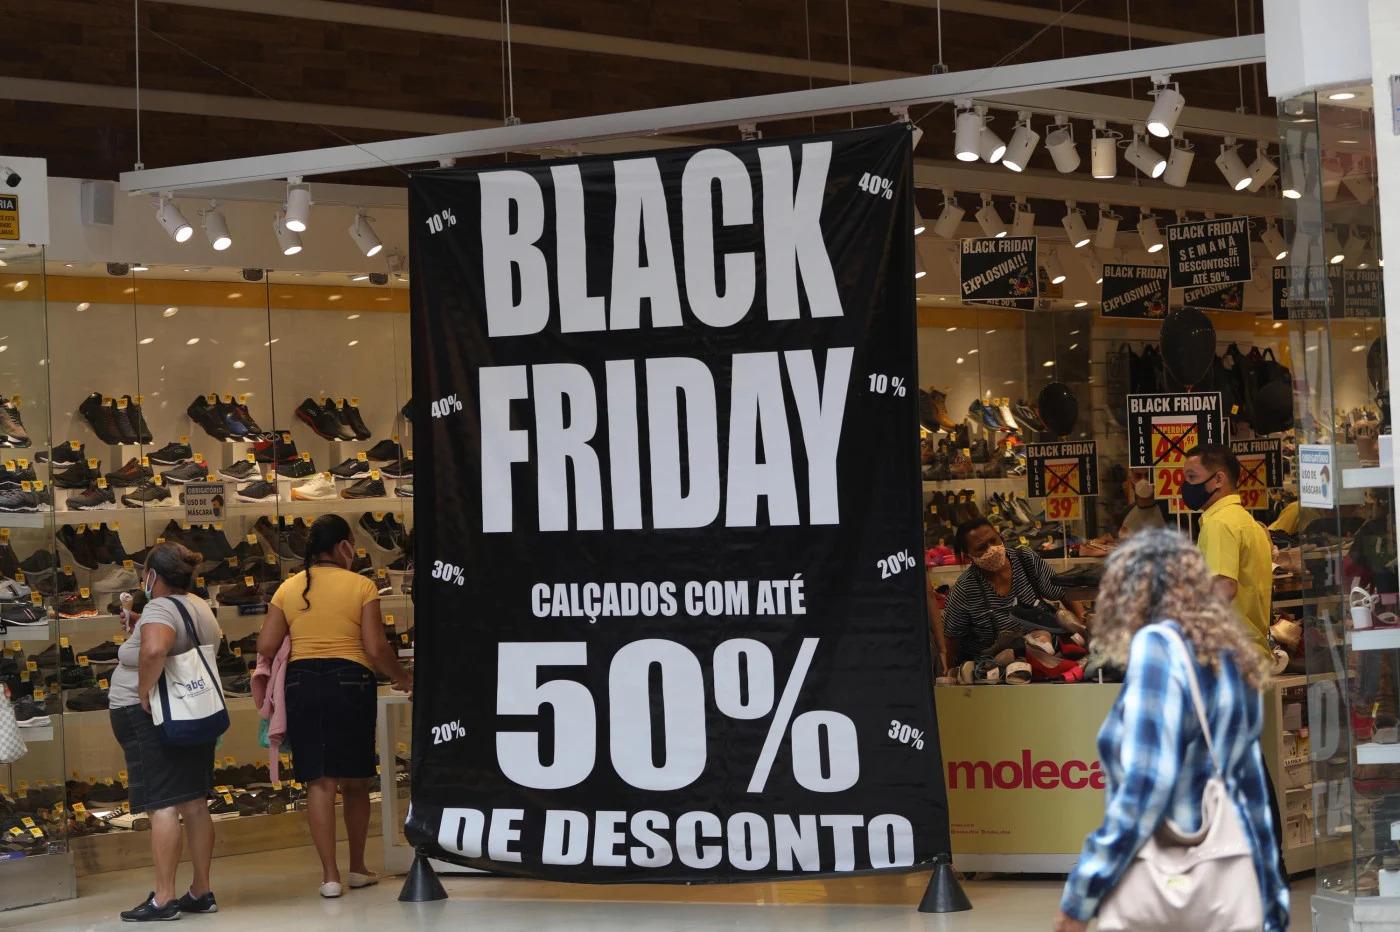 fup202011dd4555 - Black Friday teve mais 9 mil reclamações após o encerramento, segundo o Reclame Aqui